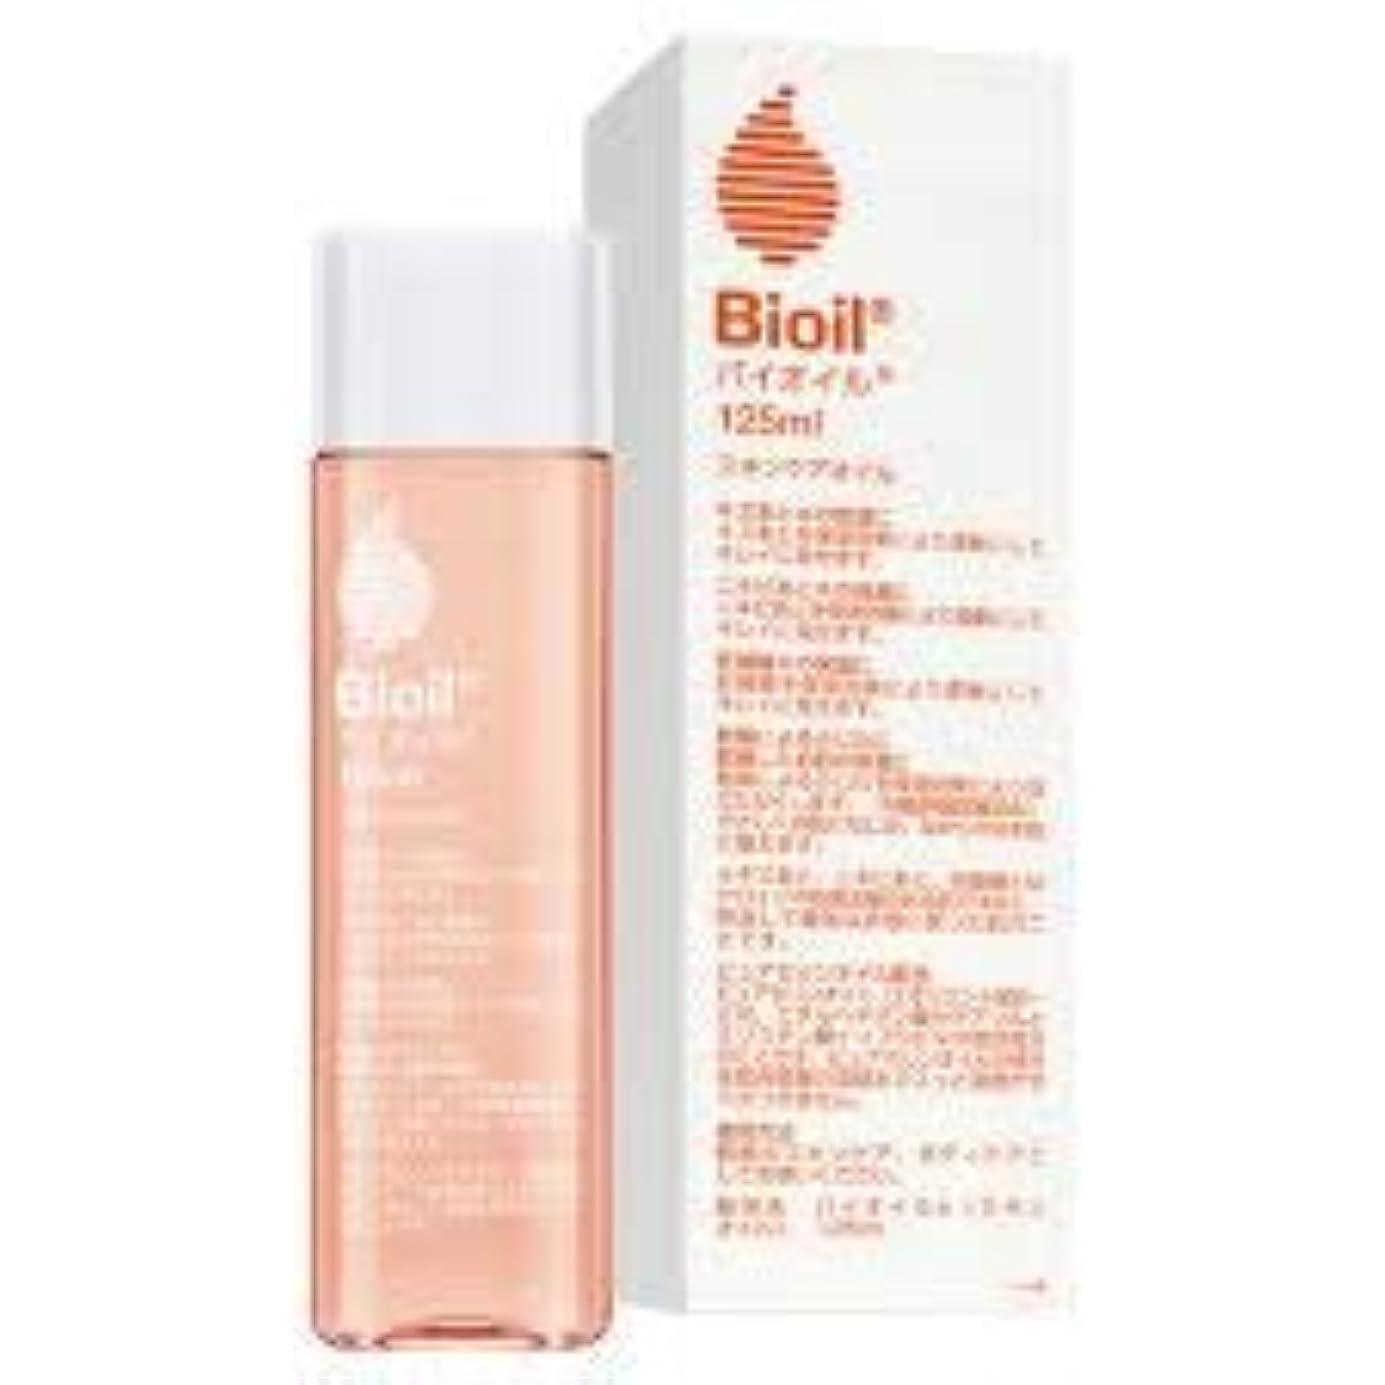 注入する絶滅利得バイオイル Bioil 125ml (小林製薬)